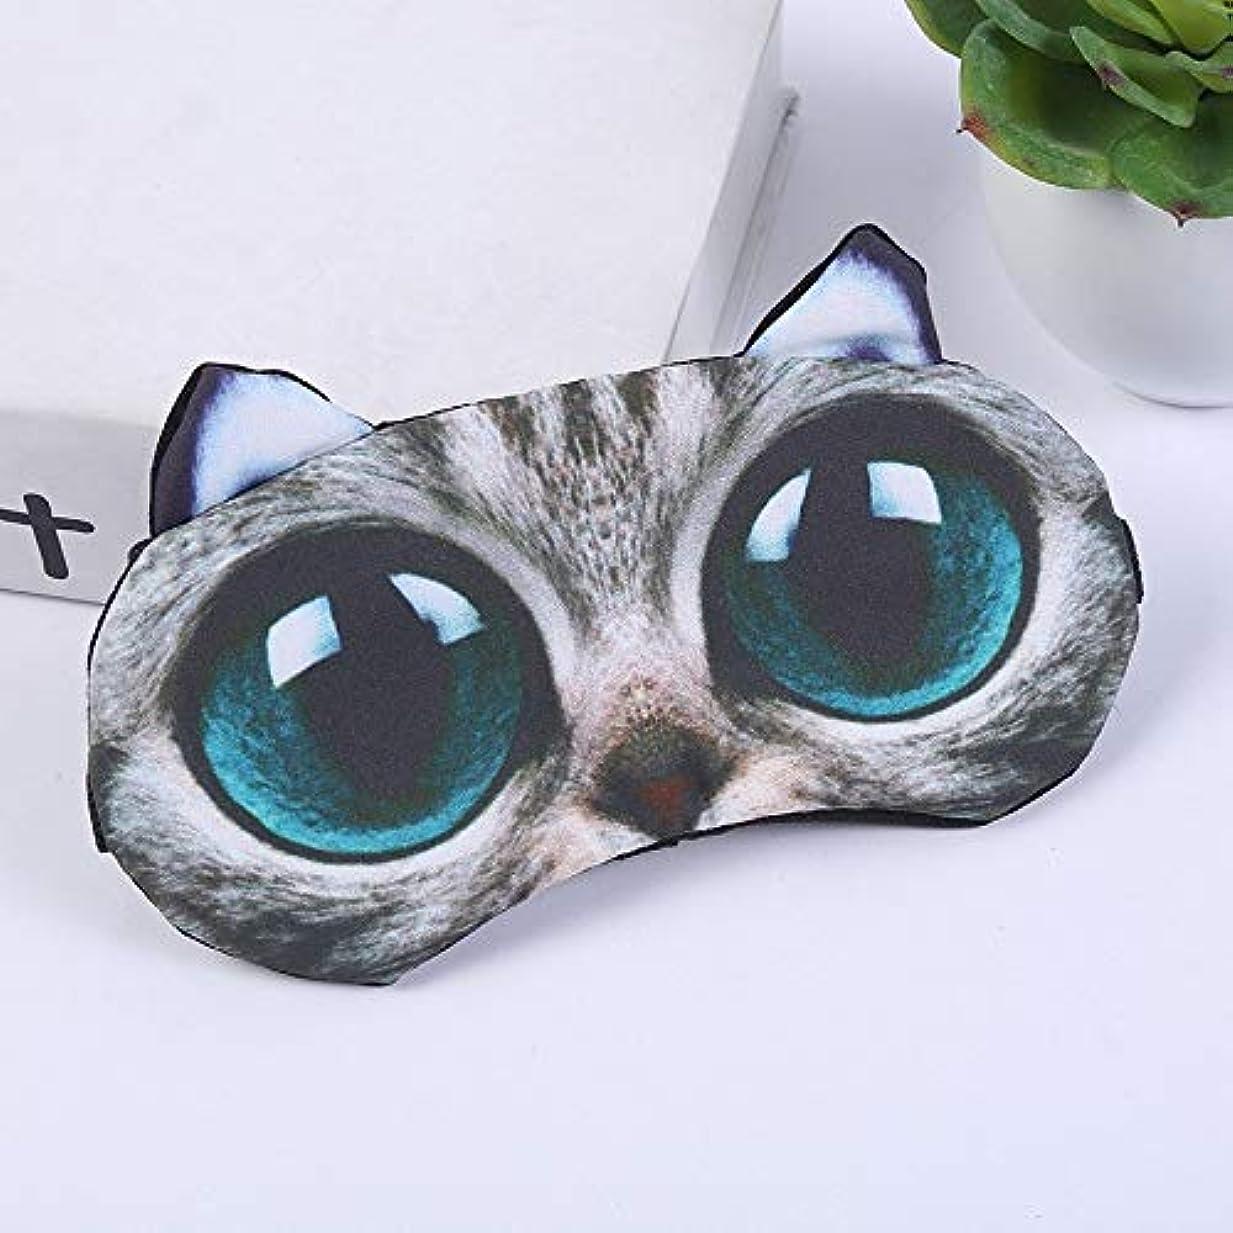 ペンフレンド狐アイスクリームNOTE 3d子かわいい漫画動物マスク用睡眠包帯用目の睡眠アイカバー睡眠マスク目隠し旅行残り目パッチ